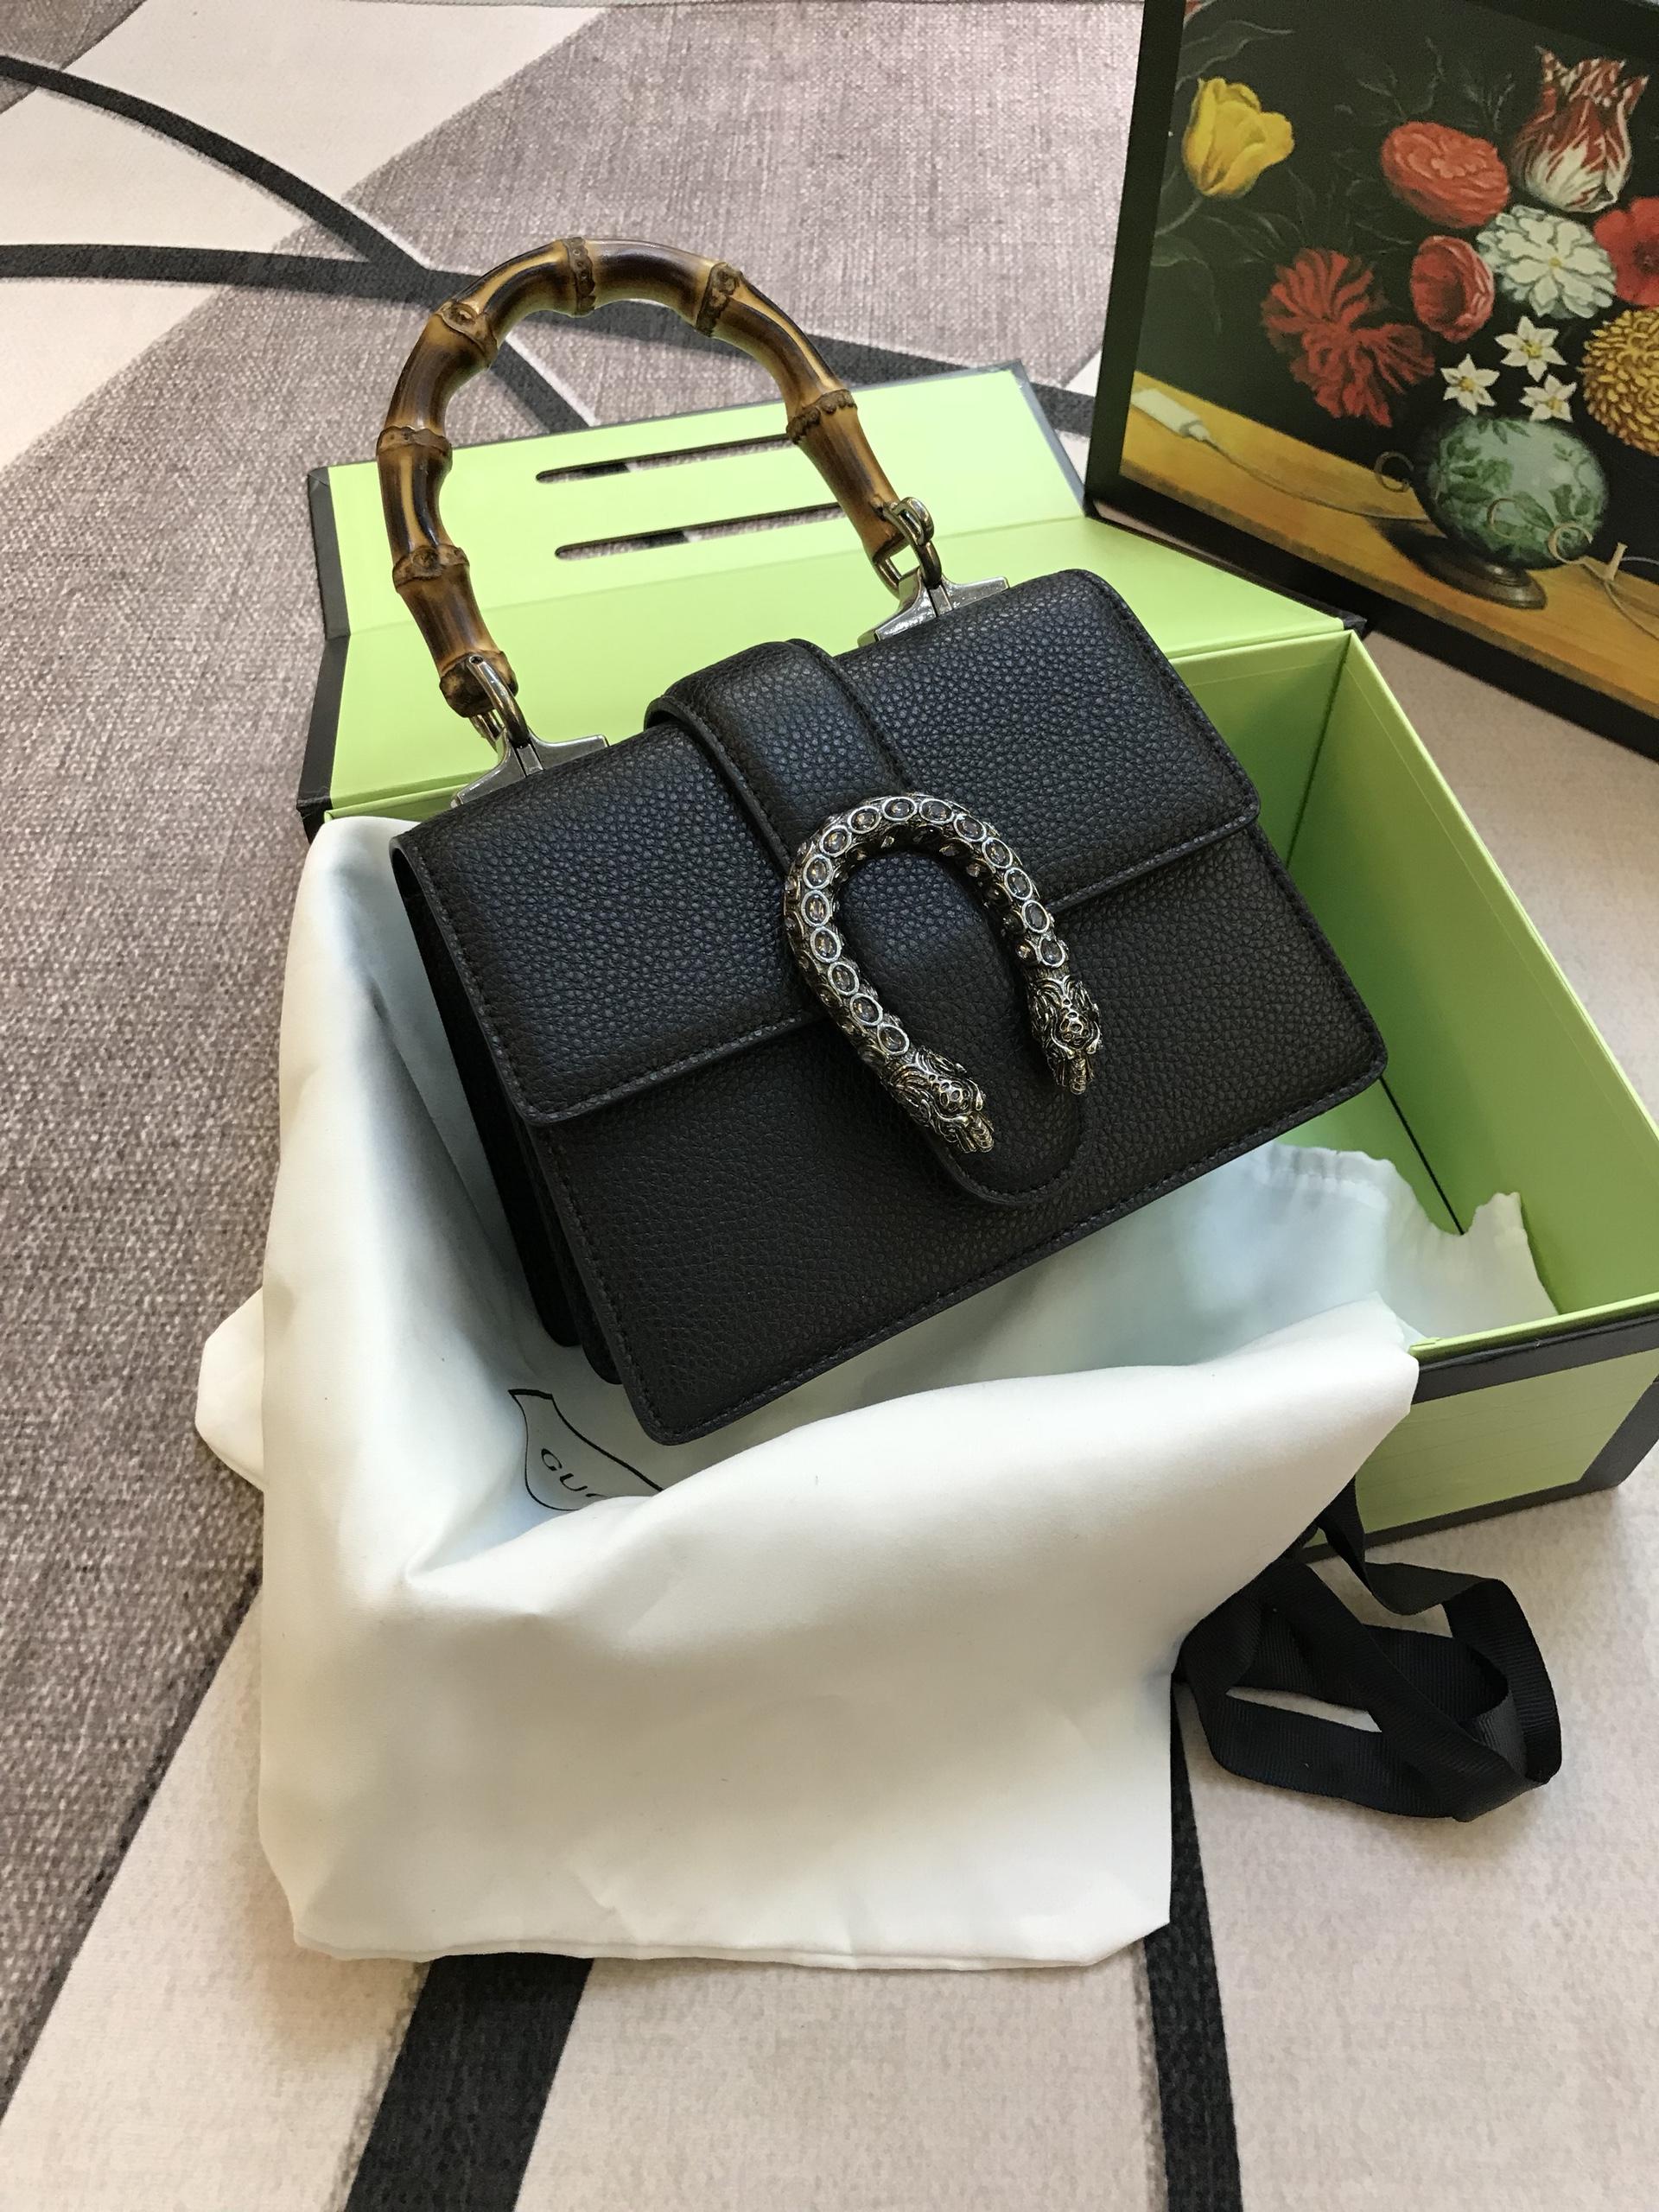 Túi Xách Gucci Super Sale Khóa Đầu Rắn Quai Trúc Màu Đen Sz 18 Cm